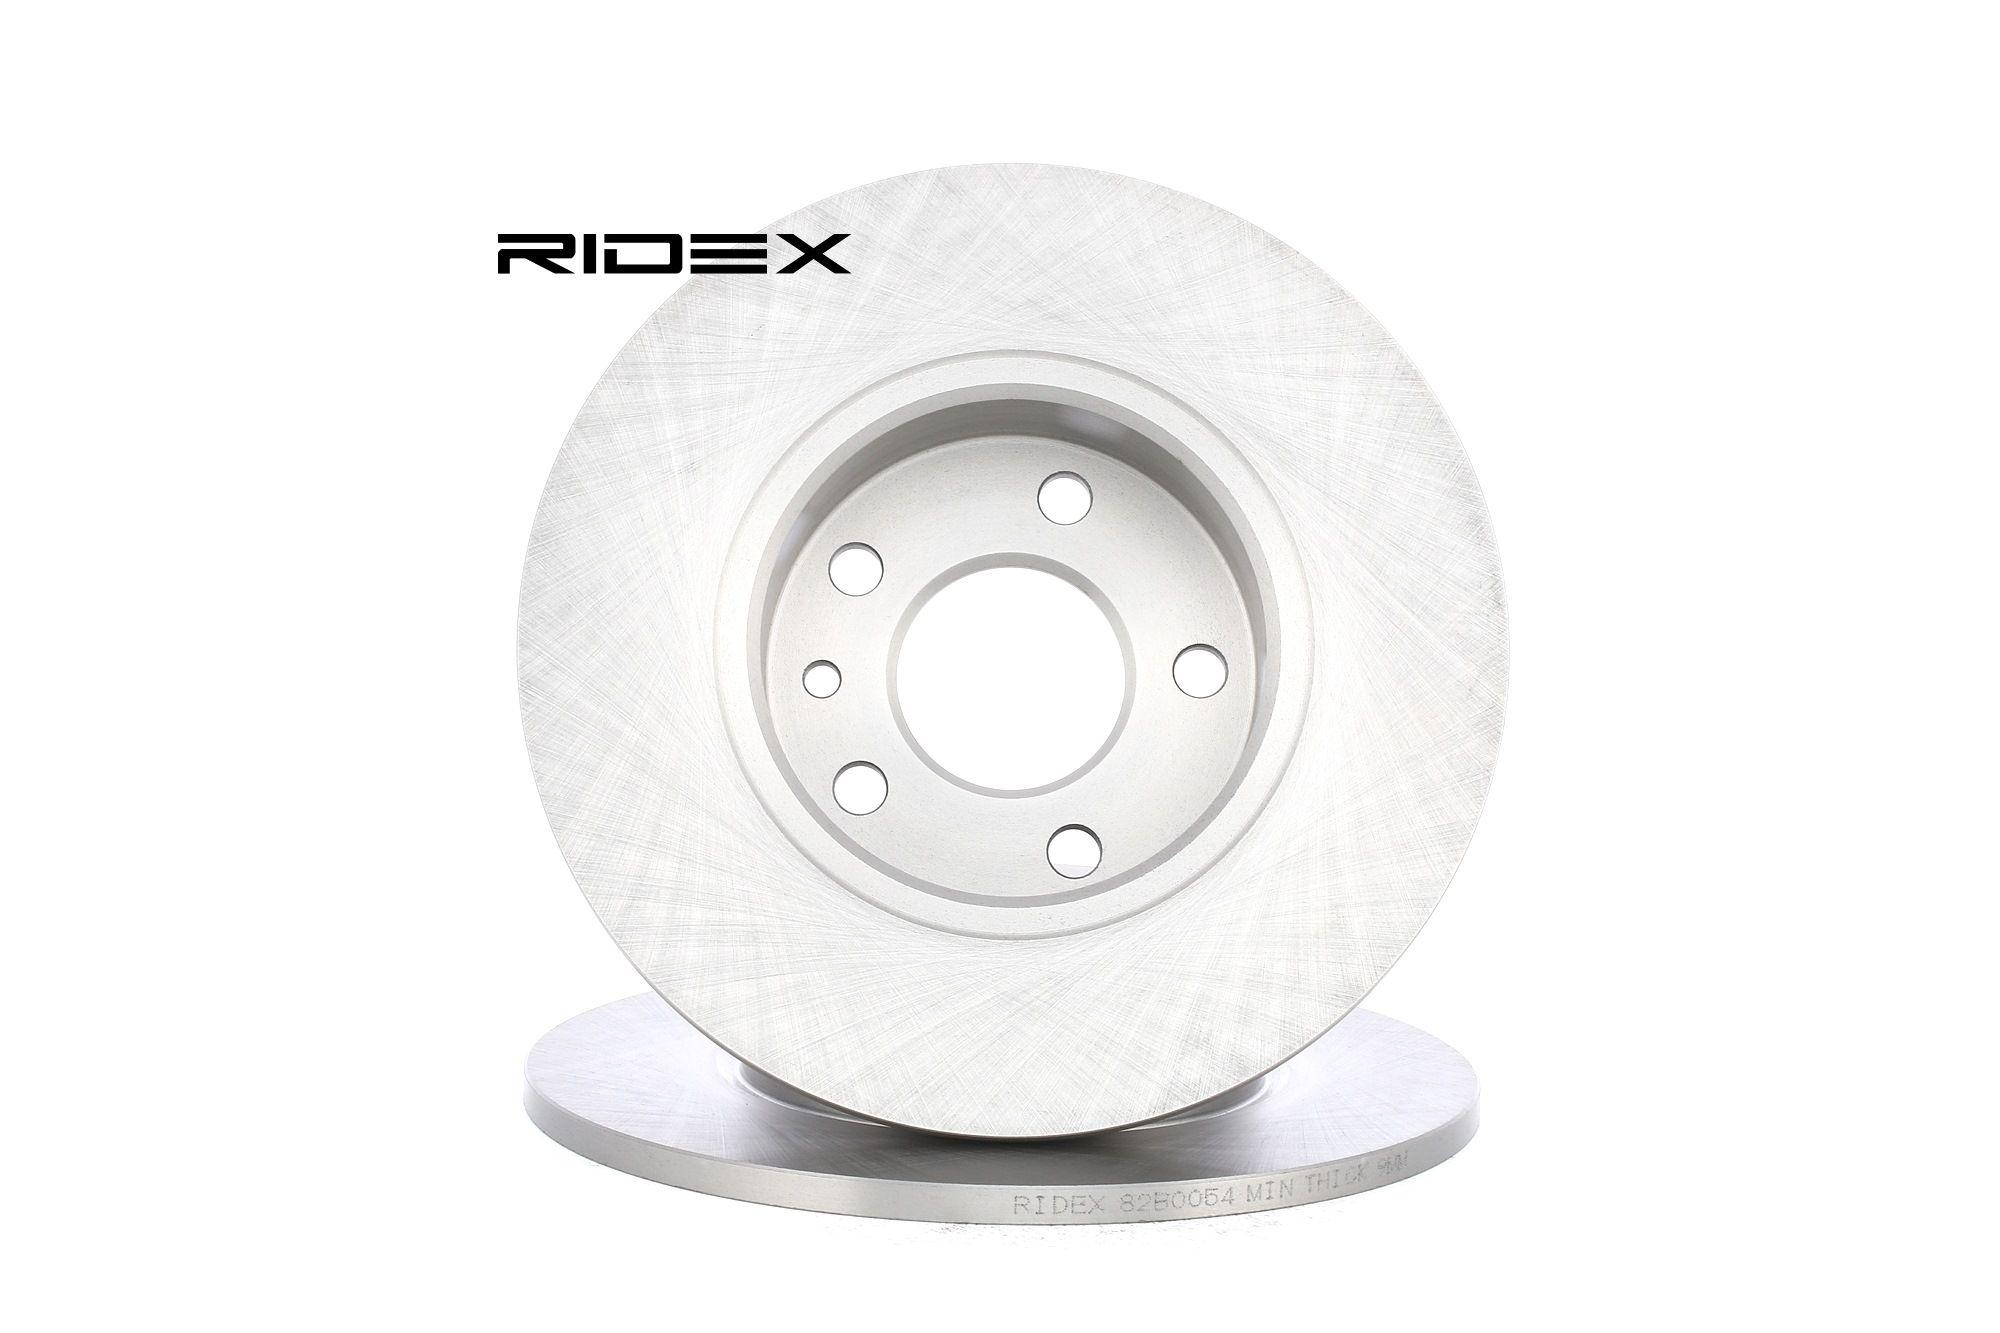 Image of RIDEX Dischi Freno FIAT,LANCIA,ALFA ROMEO 82B0054 164062610001,60569164,60602161 Freni a Disco,Dischi Dei Freni,Disco freno 60653479,60658566,7789267